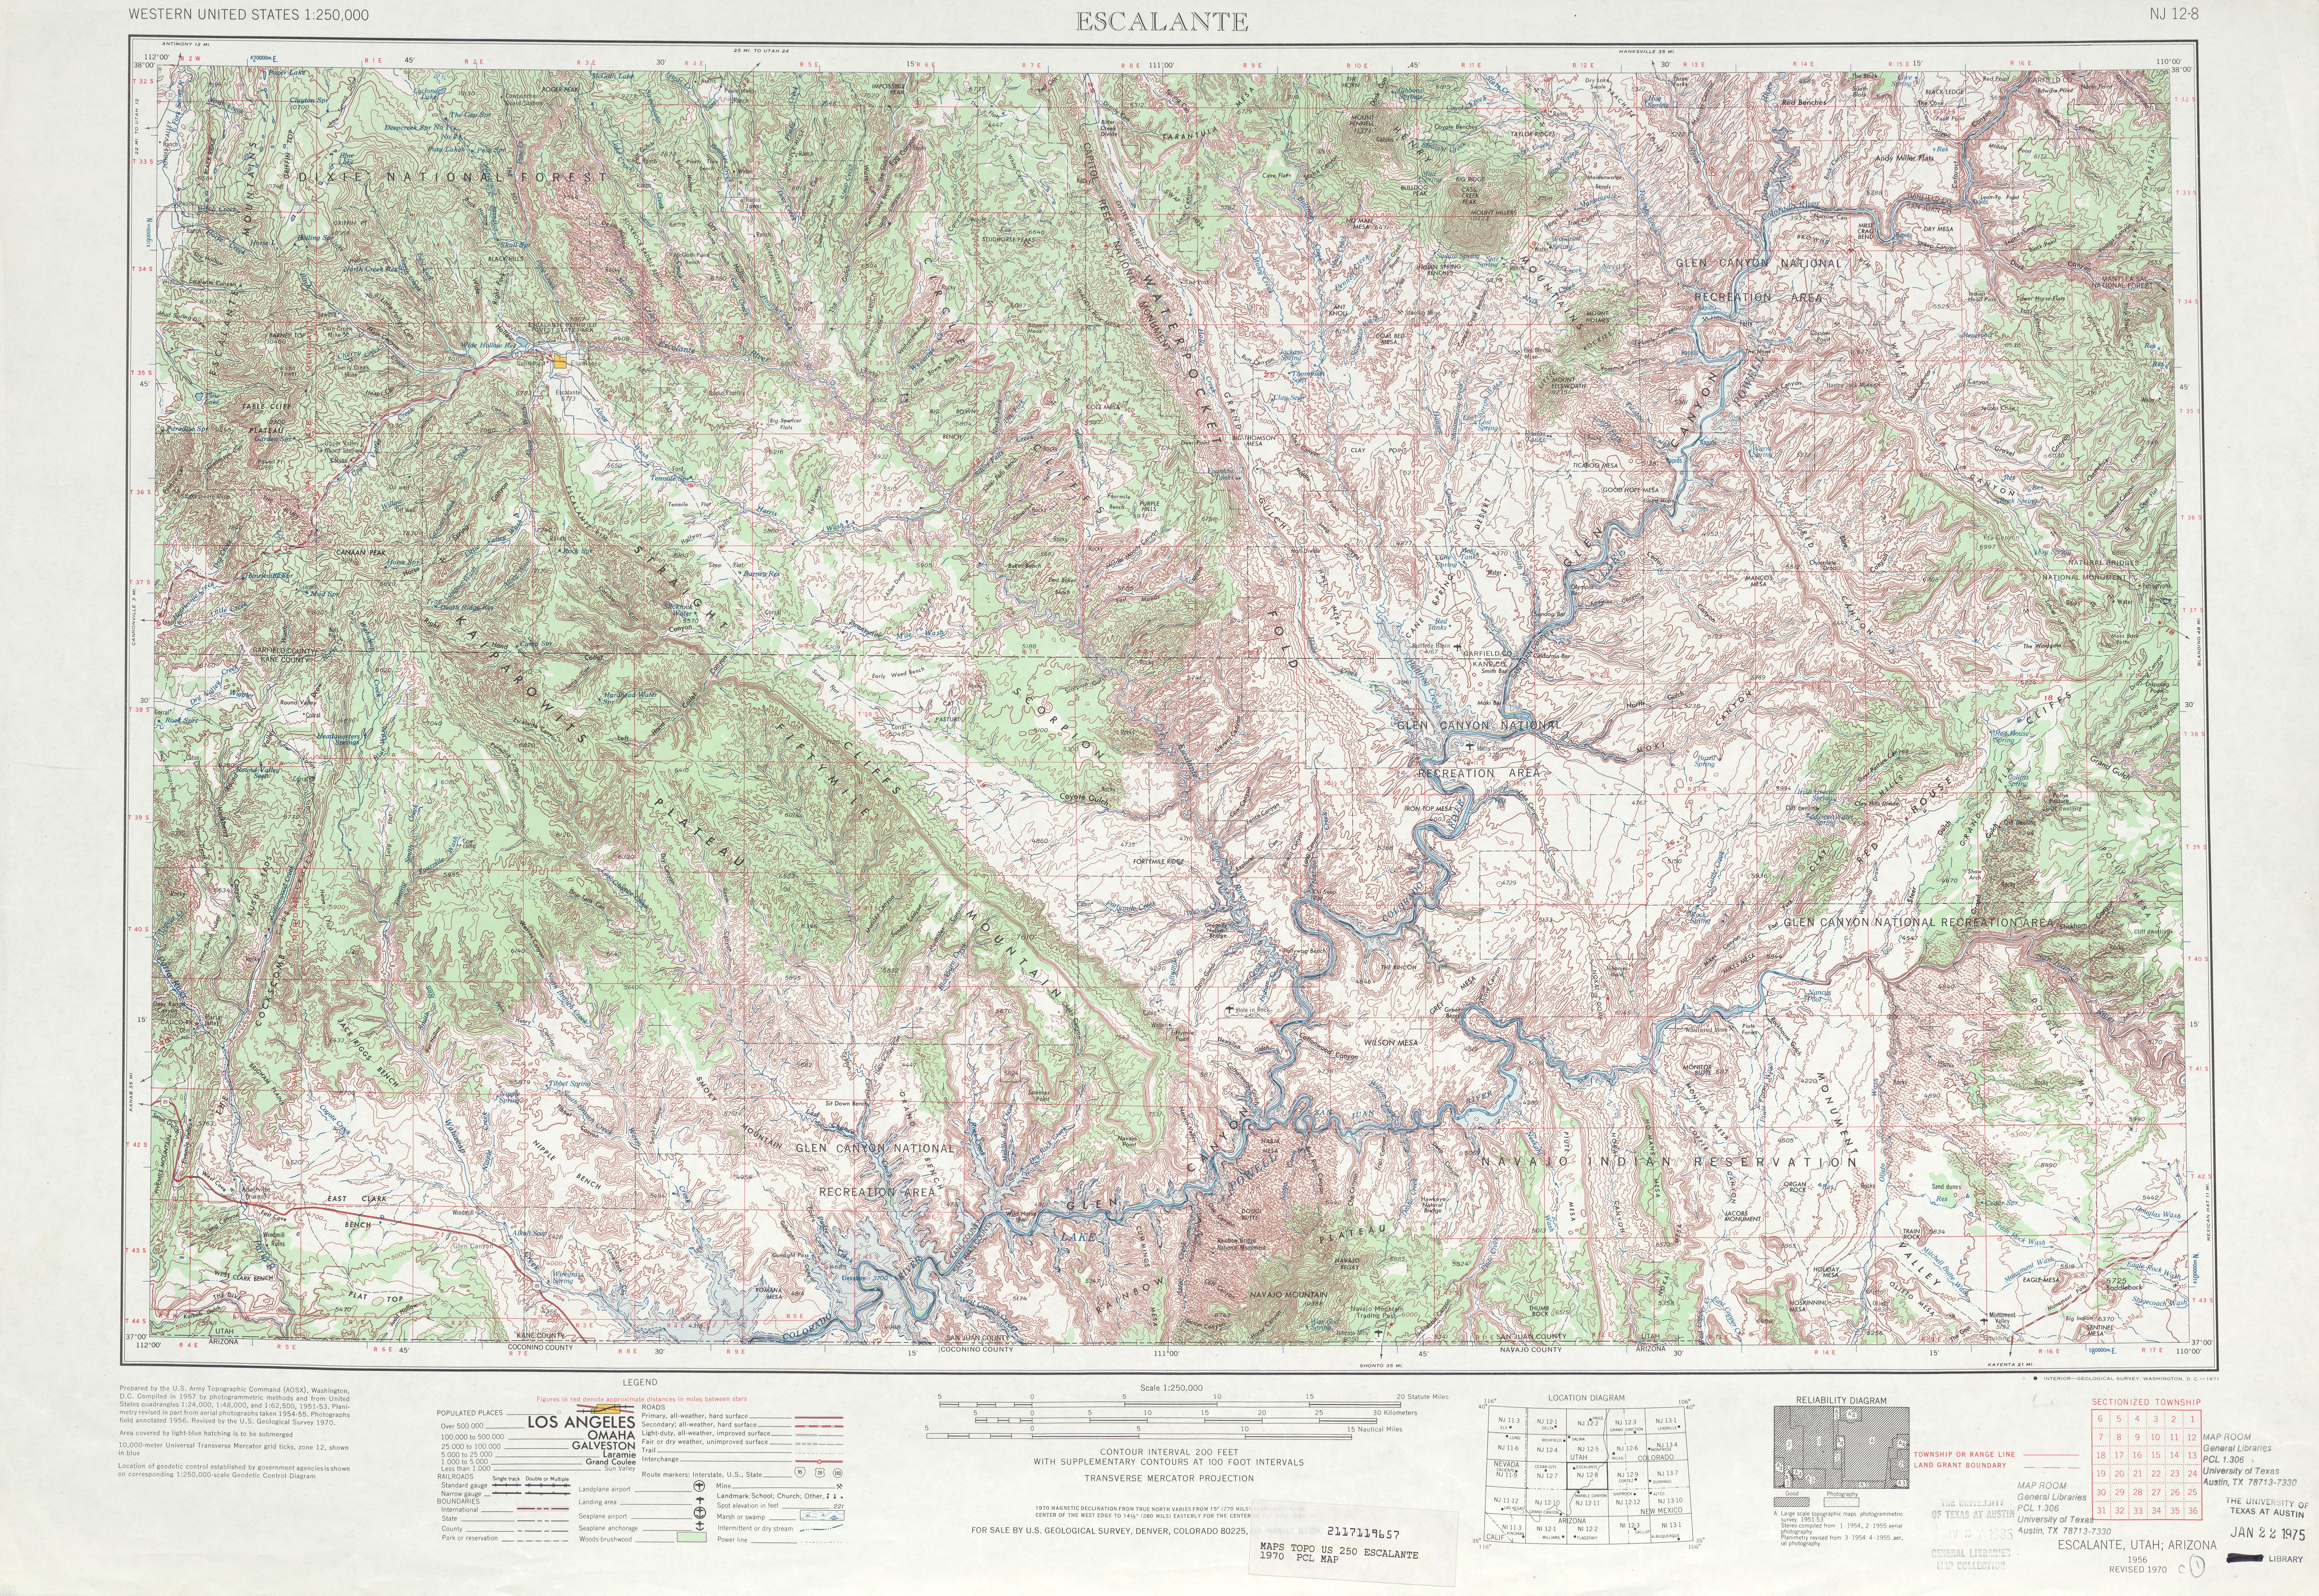 Hoja Escalante del Mapa Topográfico de los Estados Unidos 1970